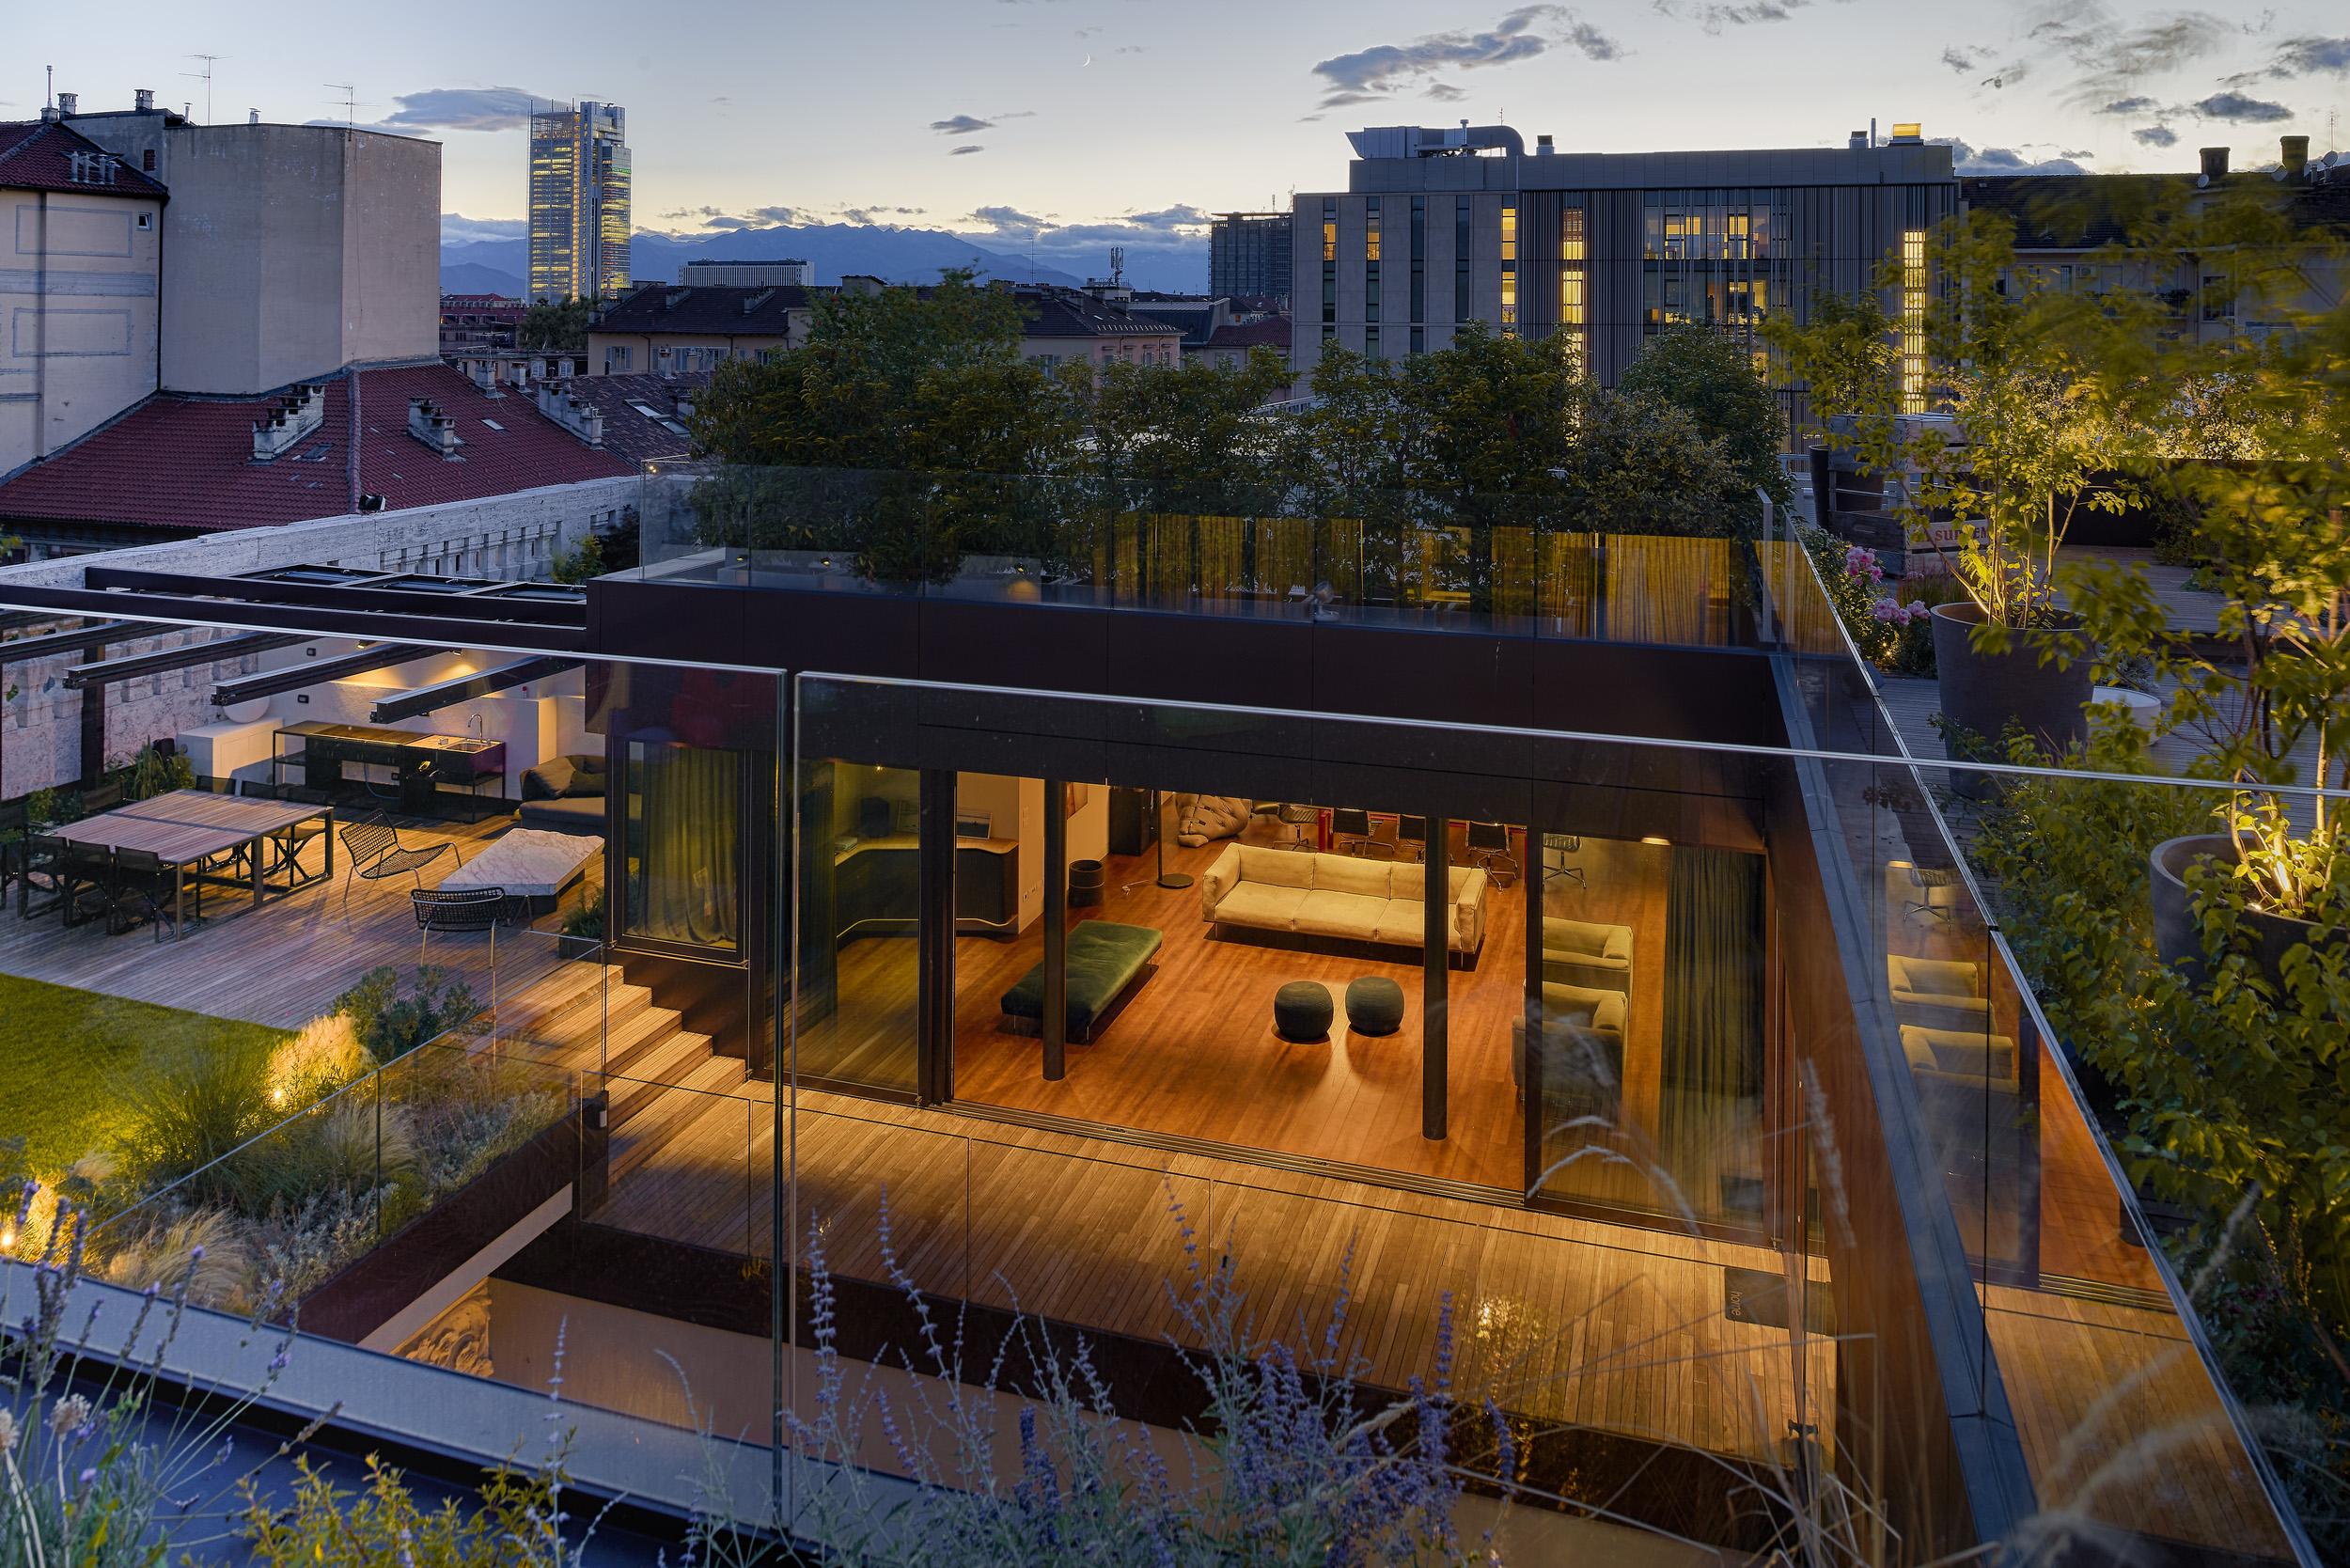 Vista degli eleganti penthouse, concepiti come ville urbane con giardini pensili sviluppati attorno a grandi terrazze multi-livello © Fabio Oggero